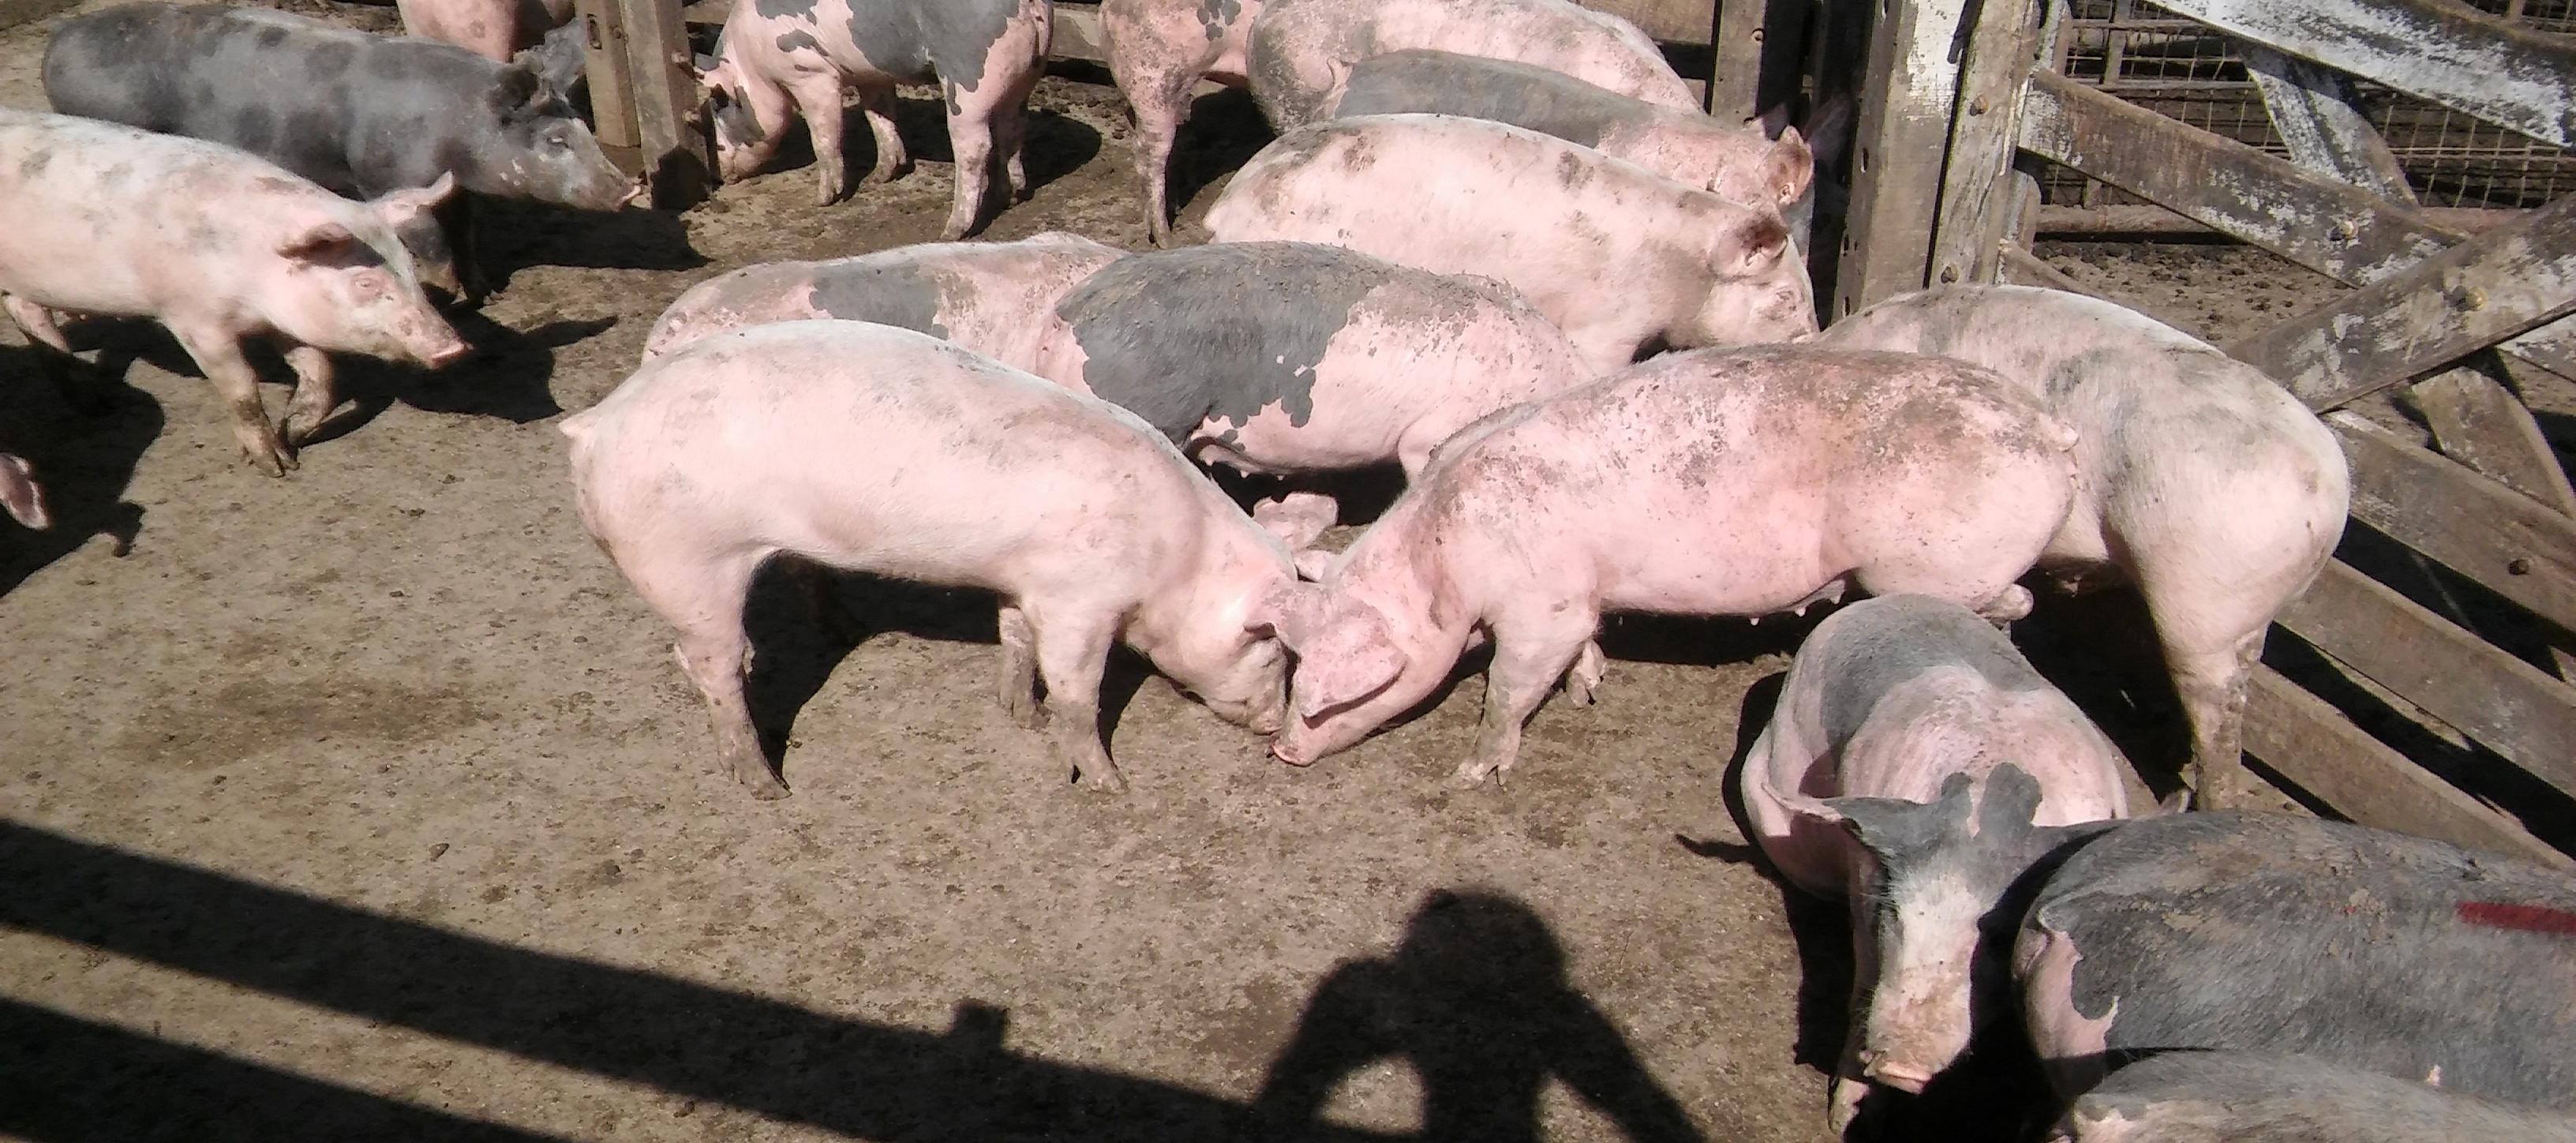 El viernes 23 de marzo de 2018 se llevará a cabo la 1º Jornada de Producción Porcina en la ciudad. La misma tendrá lugar a las 8.30hs. en las instalaciones de INTA Pergamino, ubicadas en Avenida Frondizi kilómetro 4,5.